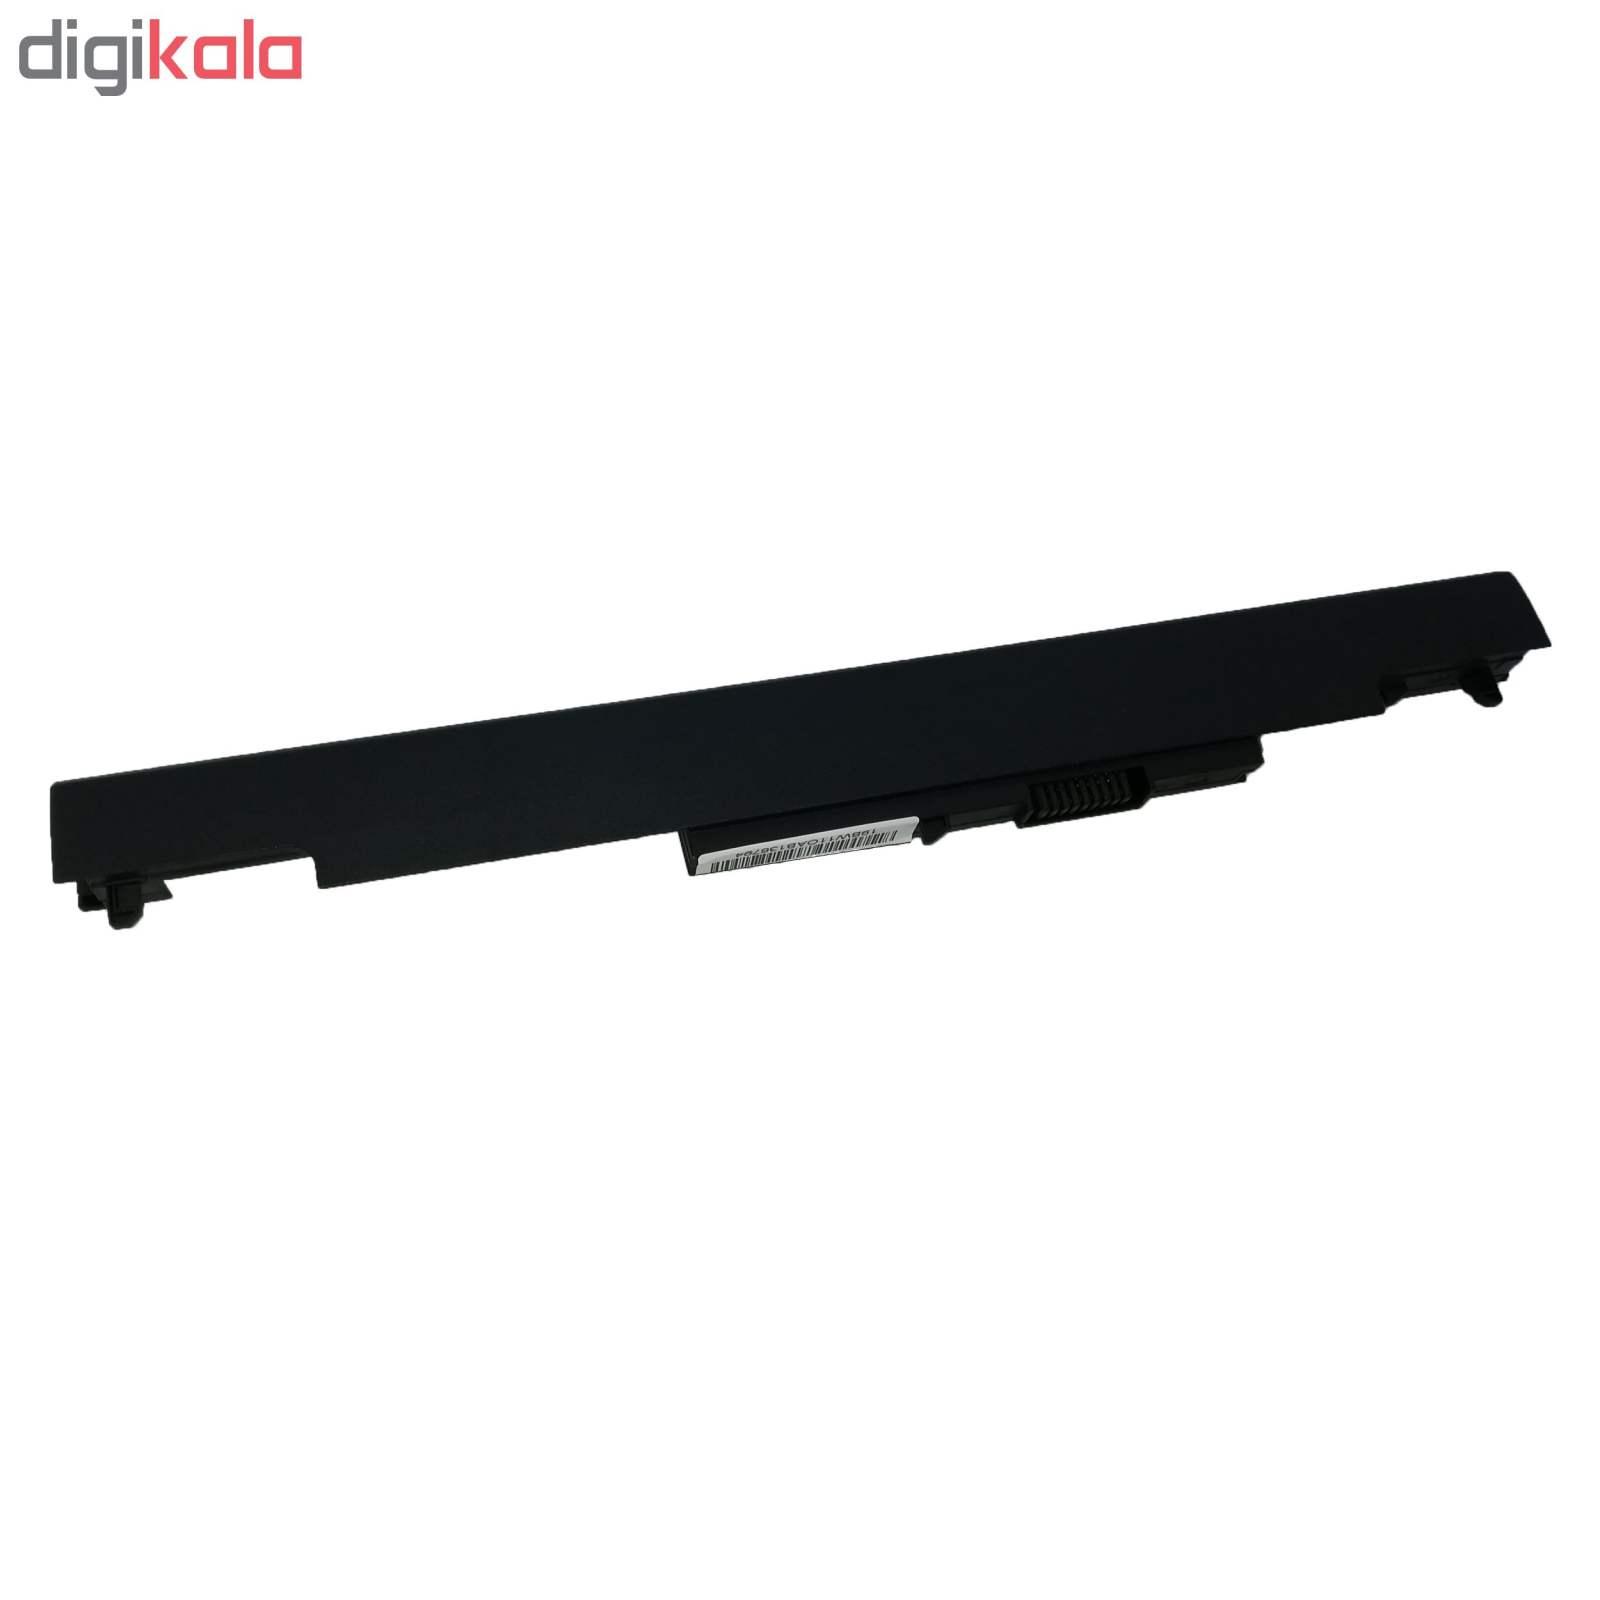 باتری لپ تاپ 4 سلولی مدل HS04 مناسب برای لپ تاپ اچ پی 250 G4 main 1 2